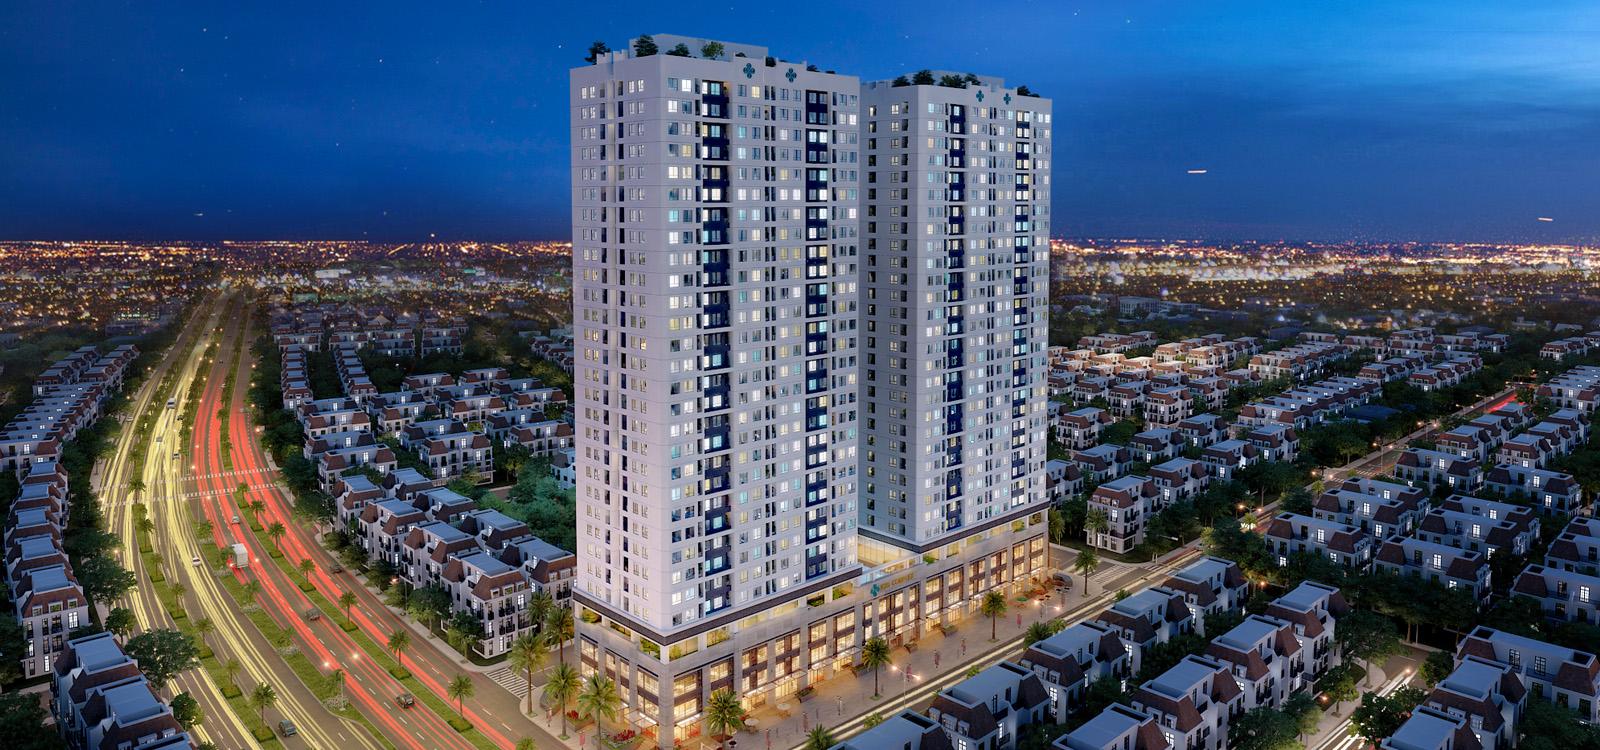 ICID Complex ra mắt căn hộ hiện đại để gia đình trẻ